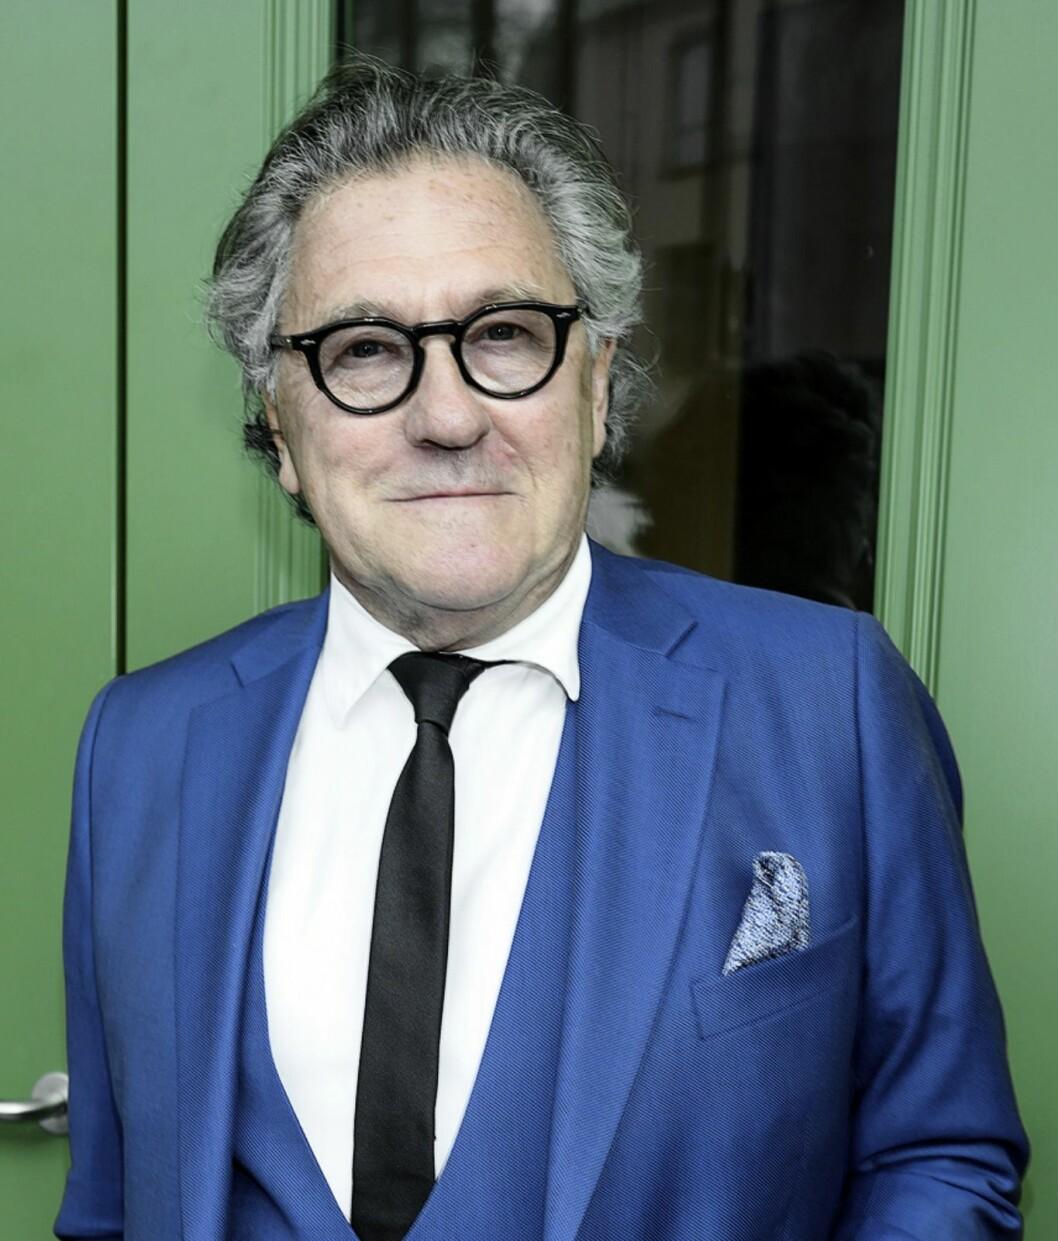 Tommy Körberg i blå kostym